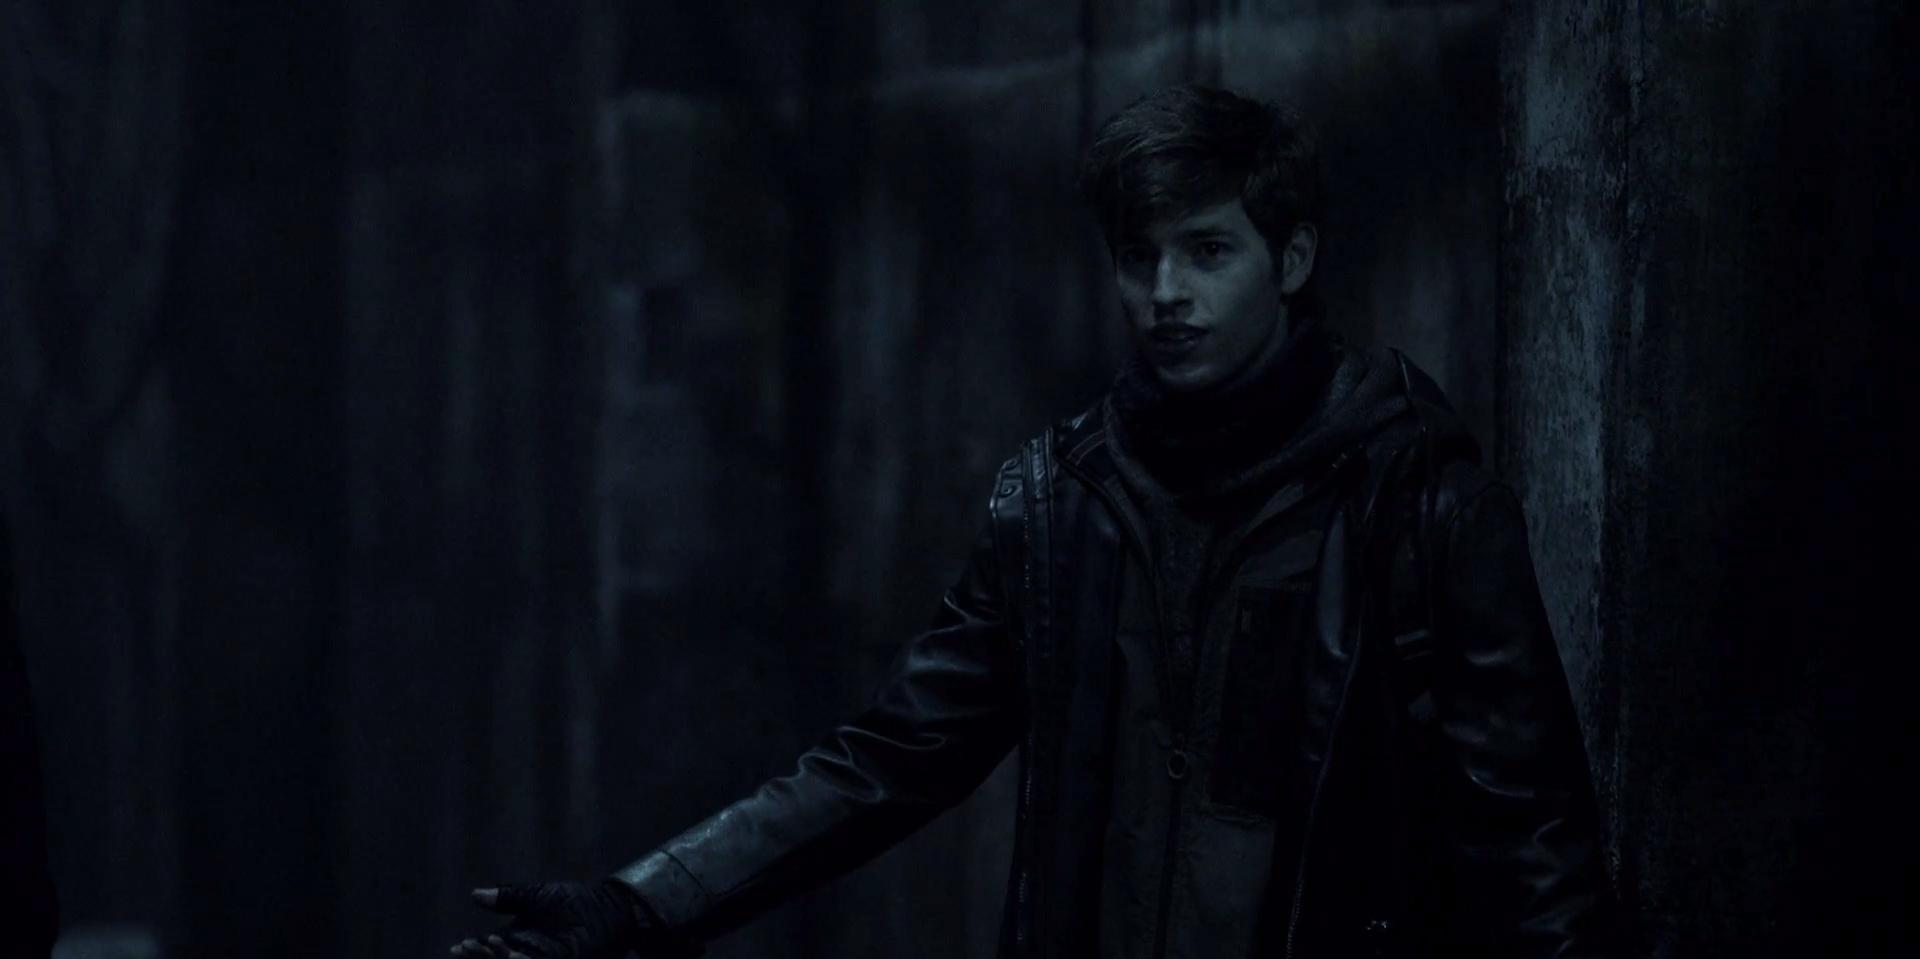 """Gage no episódio """"Acheron: Part I"""" da 11ª temporada de The Walking Dead"""